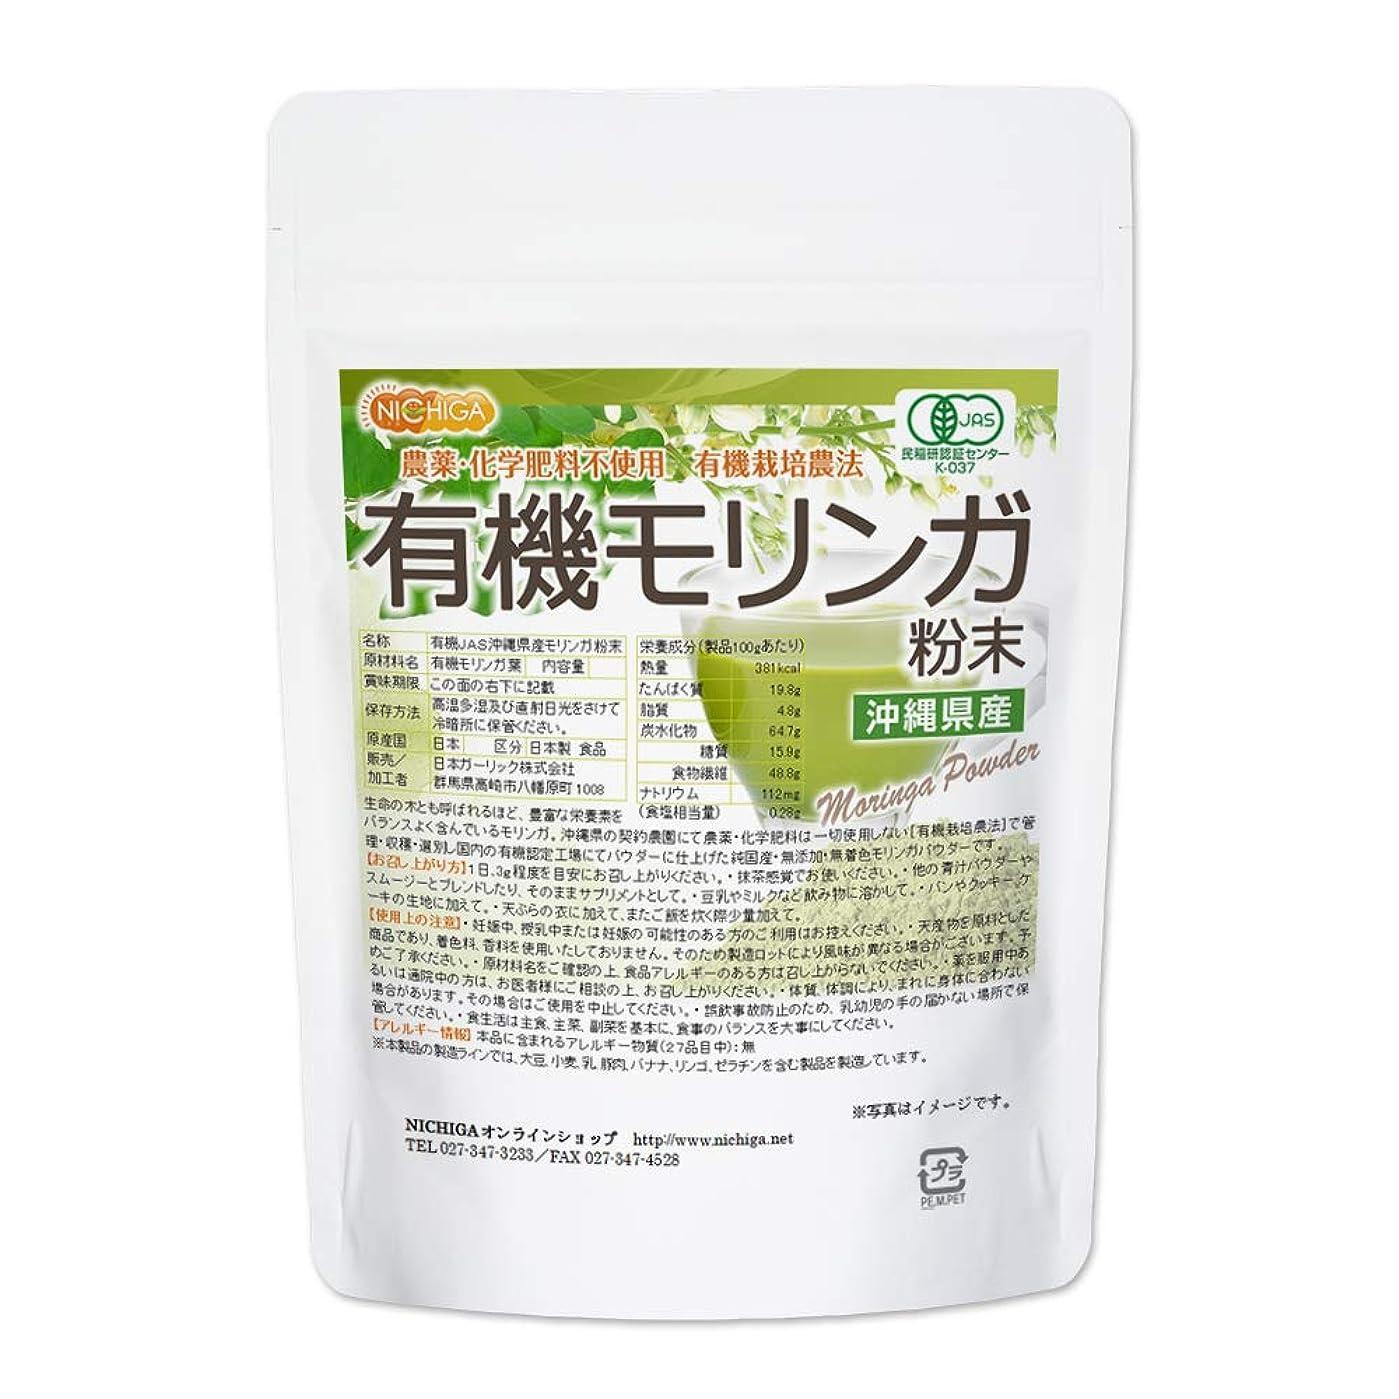 借りている引き金より多い有機JAS 沖縄県産 モリンガ 粉末 100g 農薬?化学肥料不使用 有機栽培農法 (琉球モリンガパウダー) [01] NICHIGA(ニチガ)